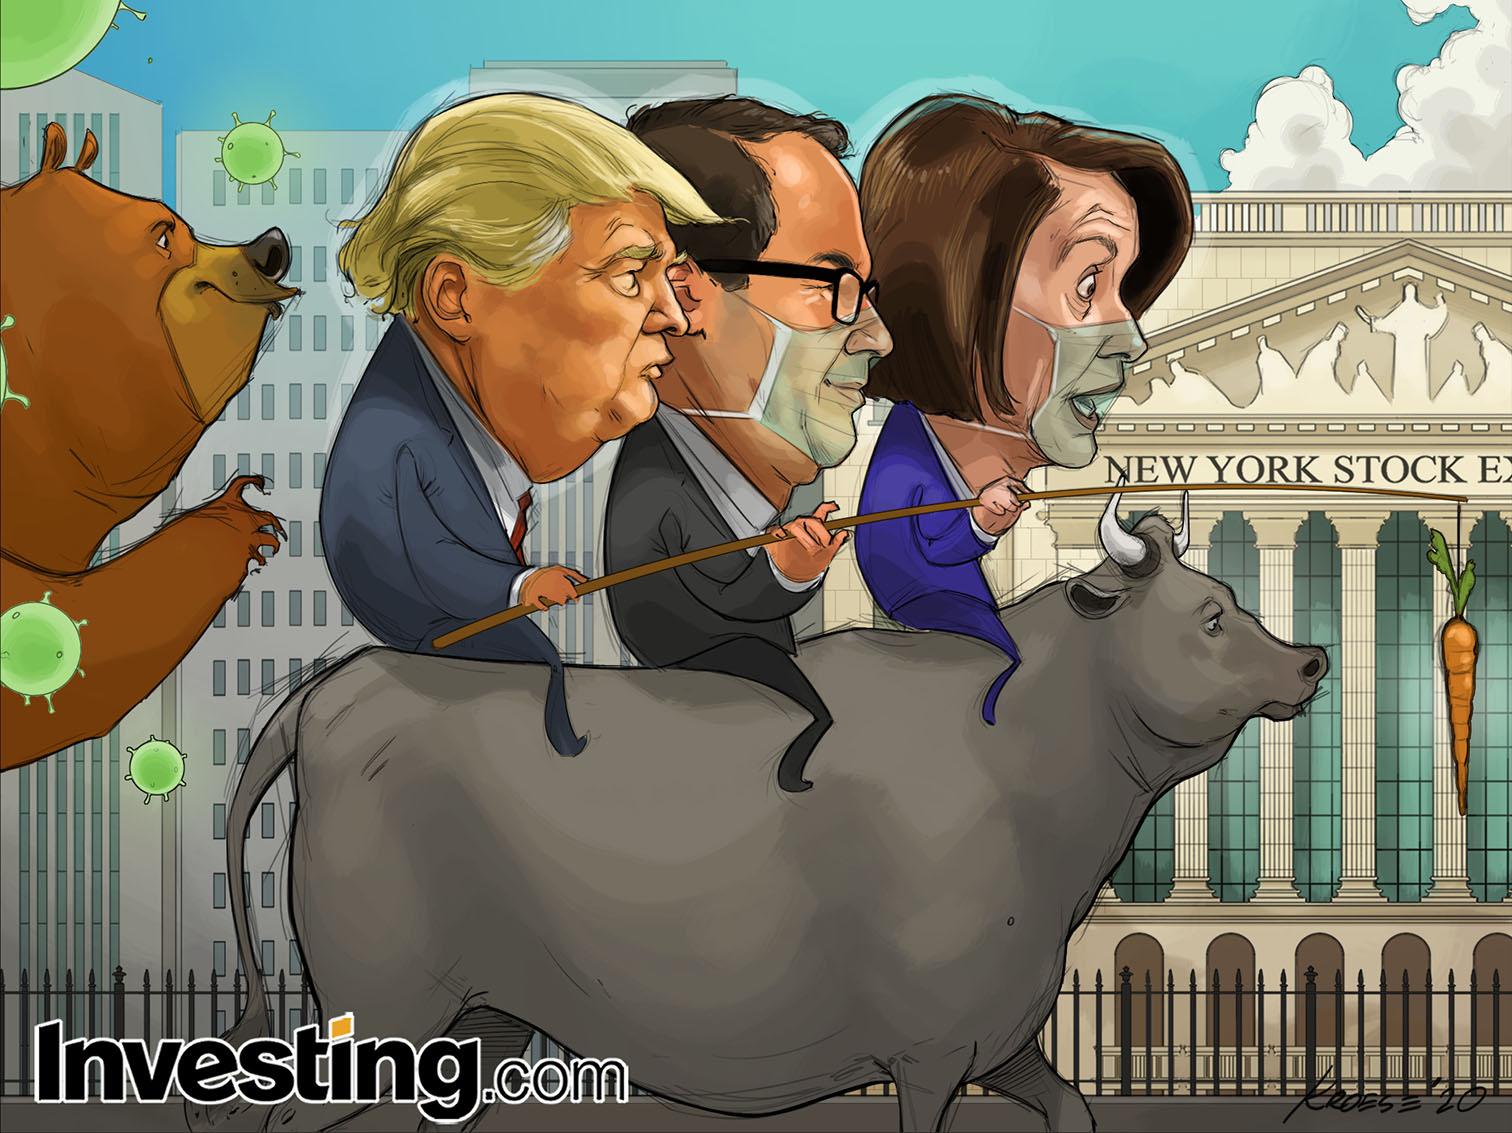 U.S. Stimulus Developments Whipsaw Global Markets, Fueling Sharp Moves